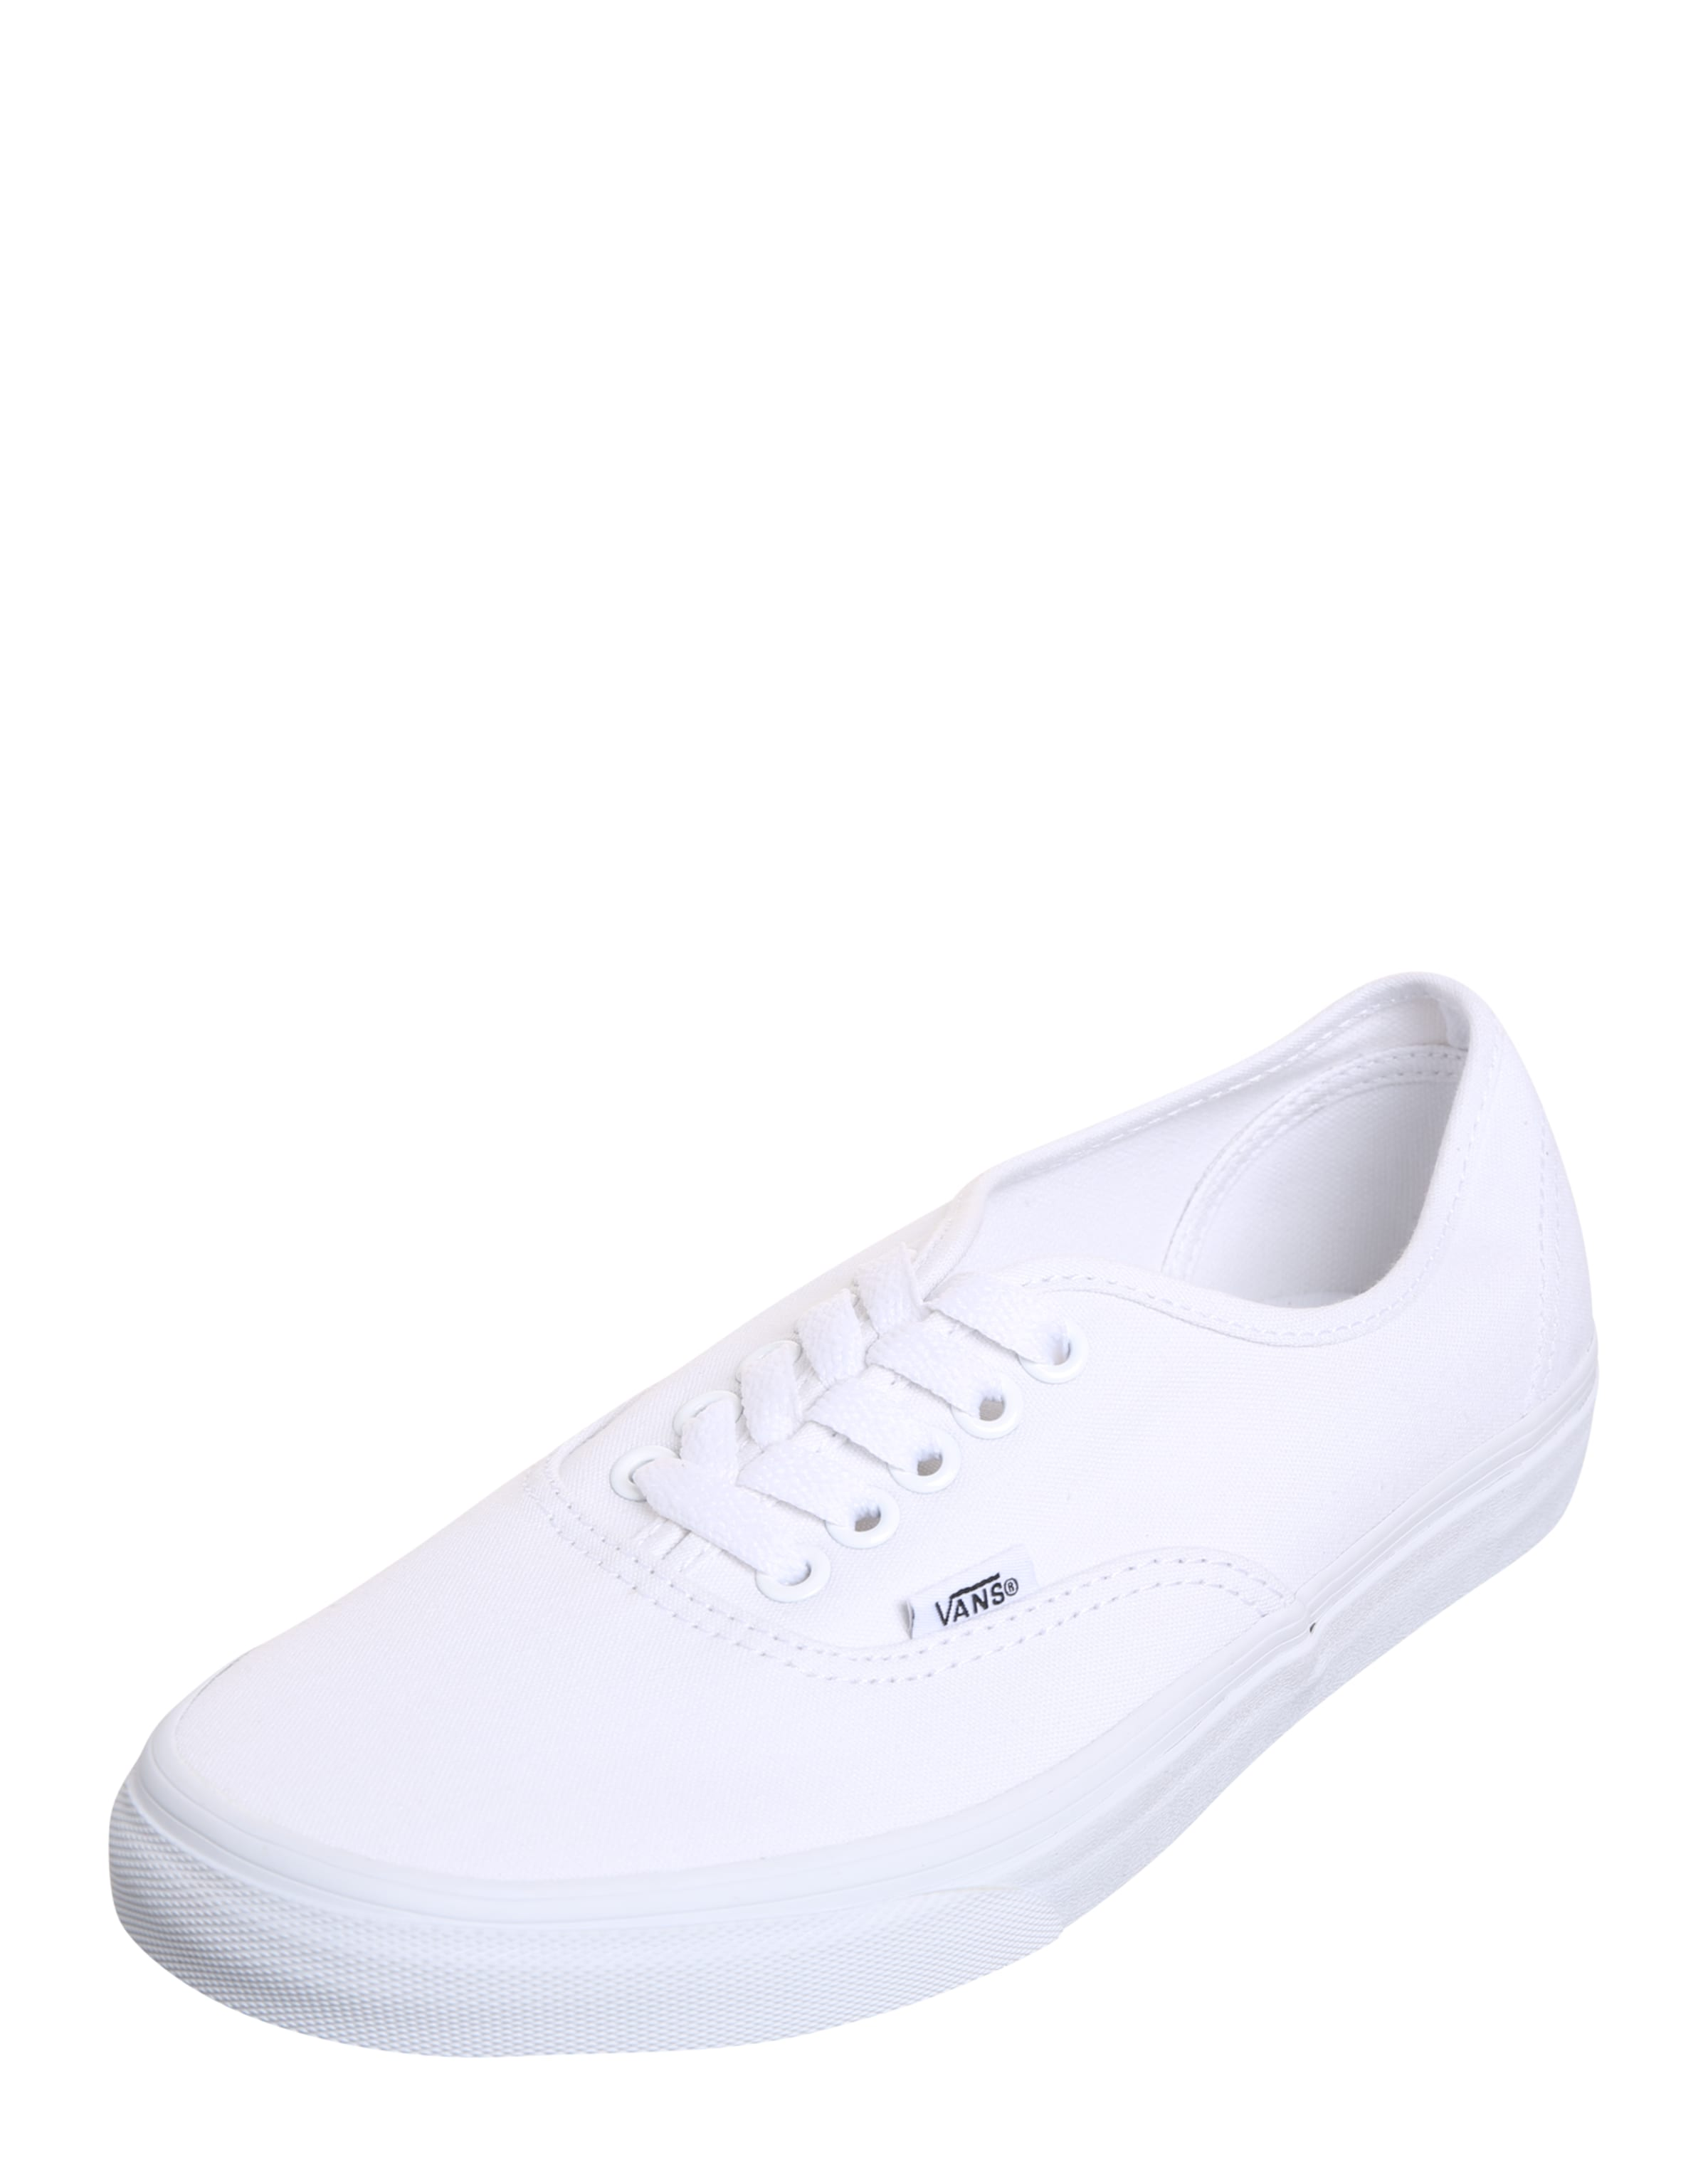 VANS Low Sneaker Authentic Verschleißfeste billige Schuhe